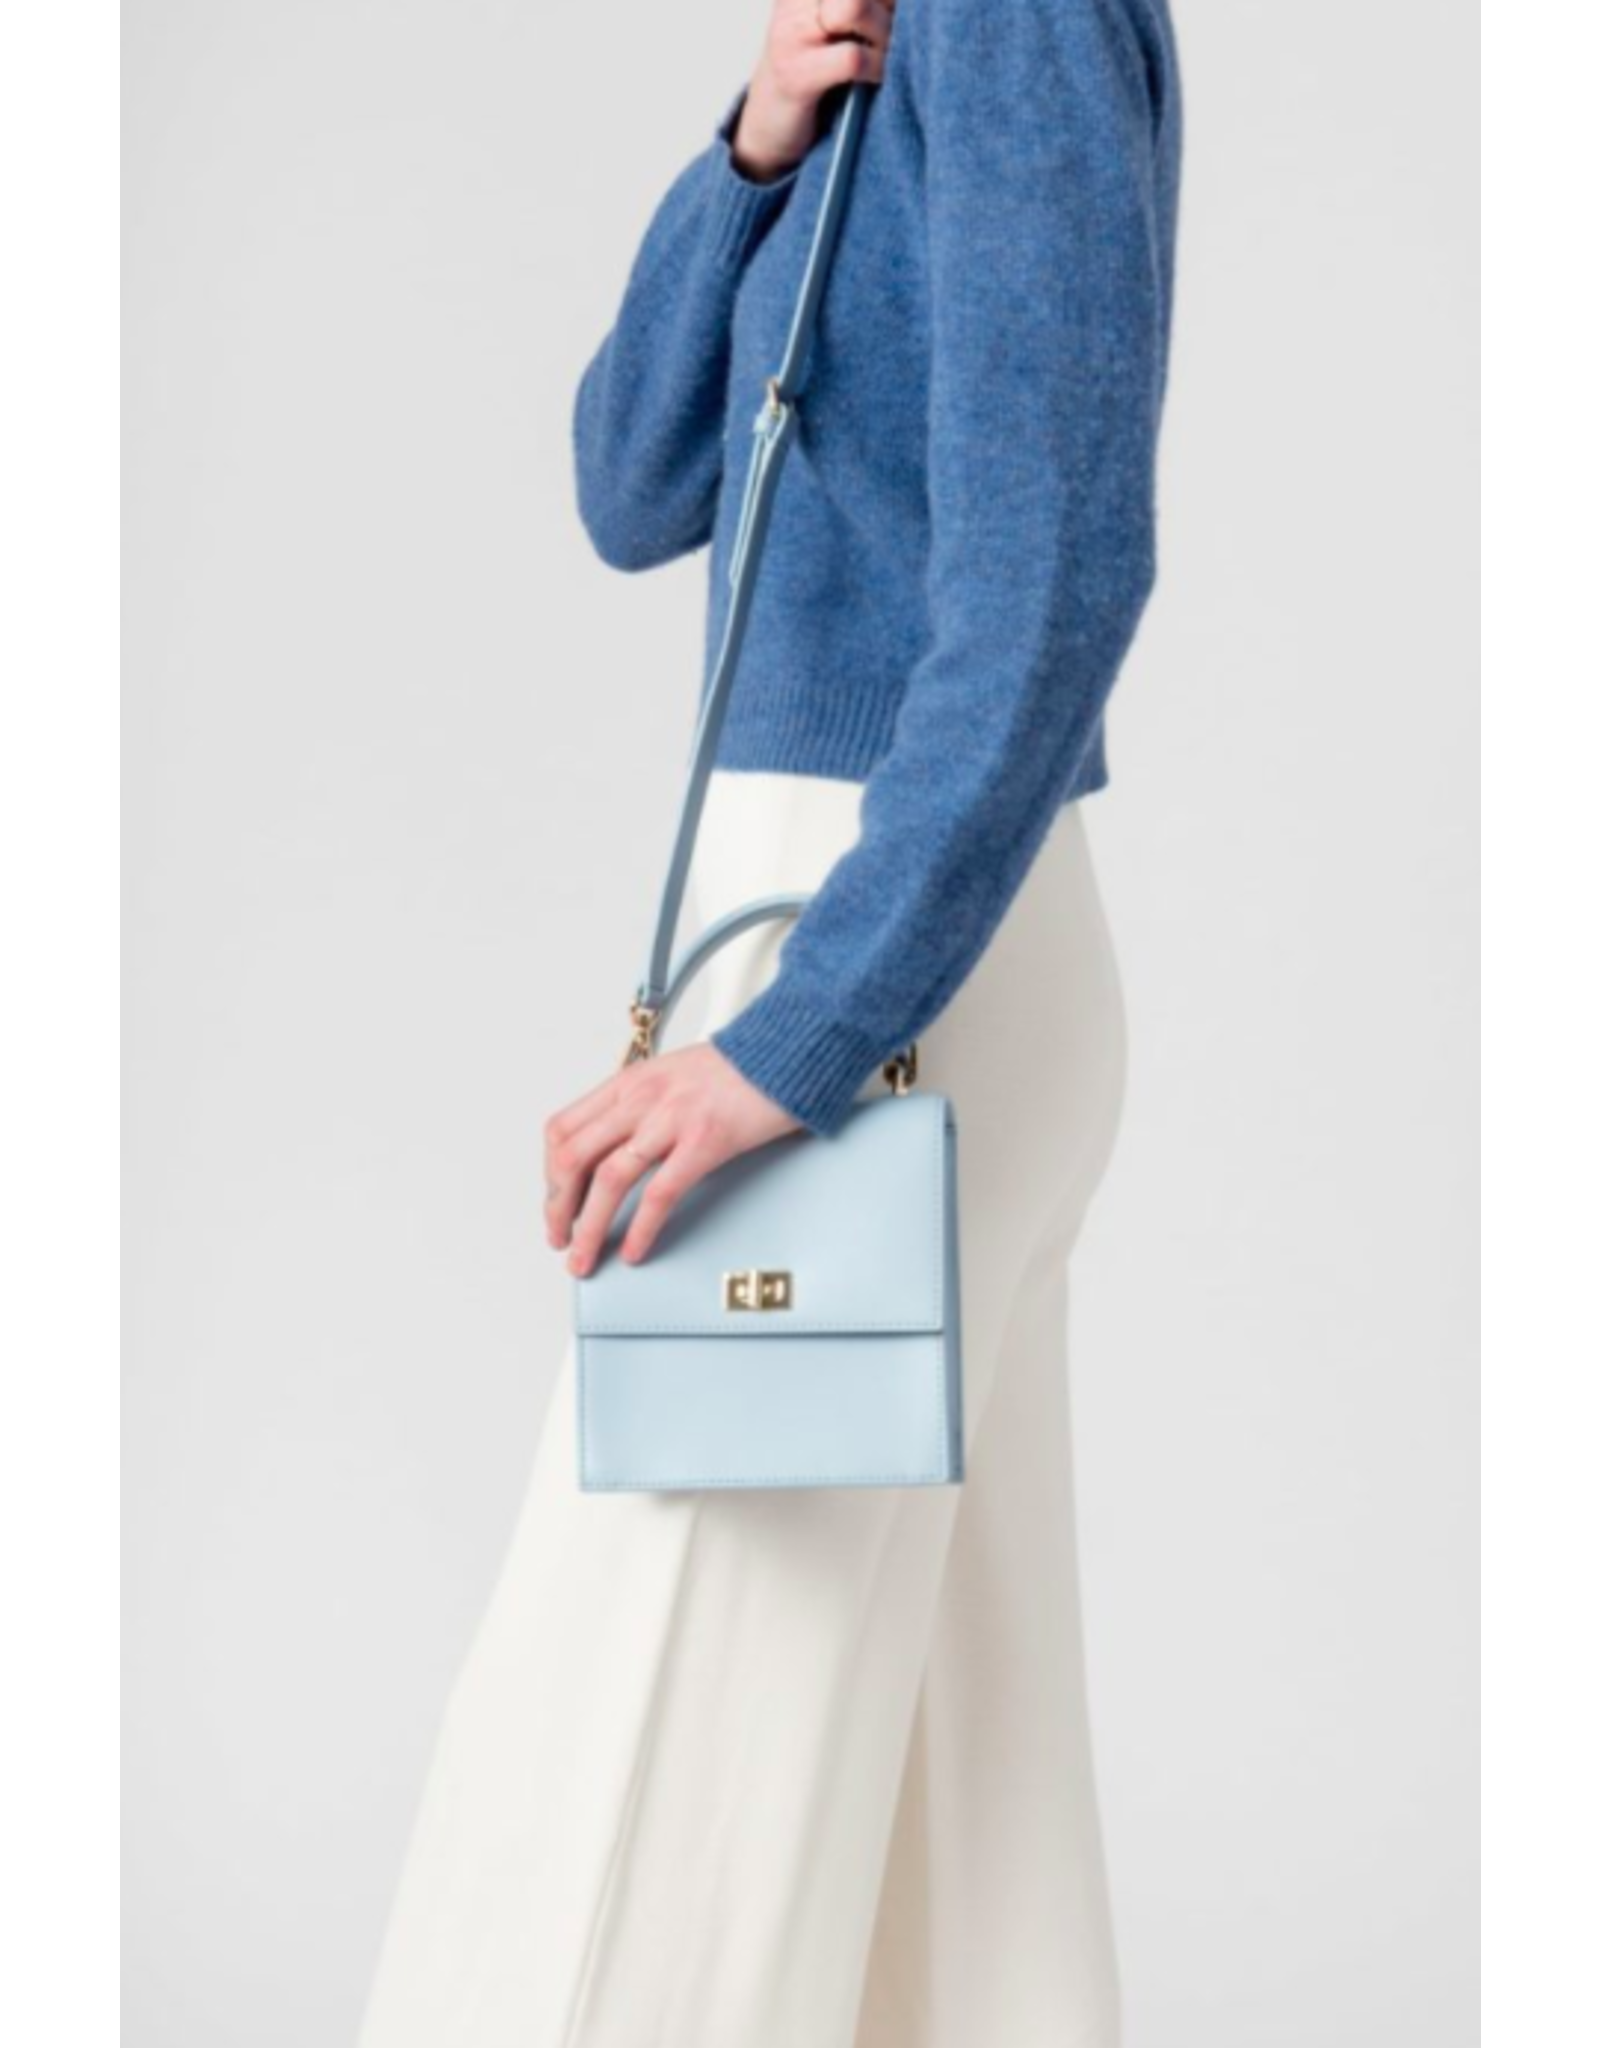 Neely & Chloe The Mini Lady Bag in Steel Blue Saffiano by Neely & Chloe